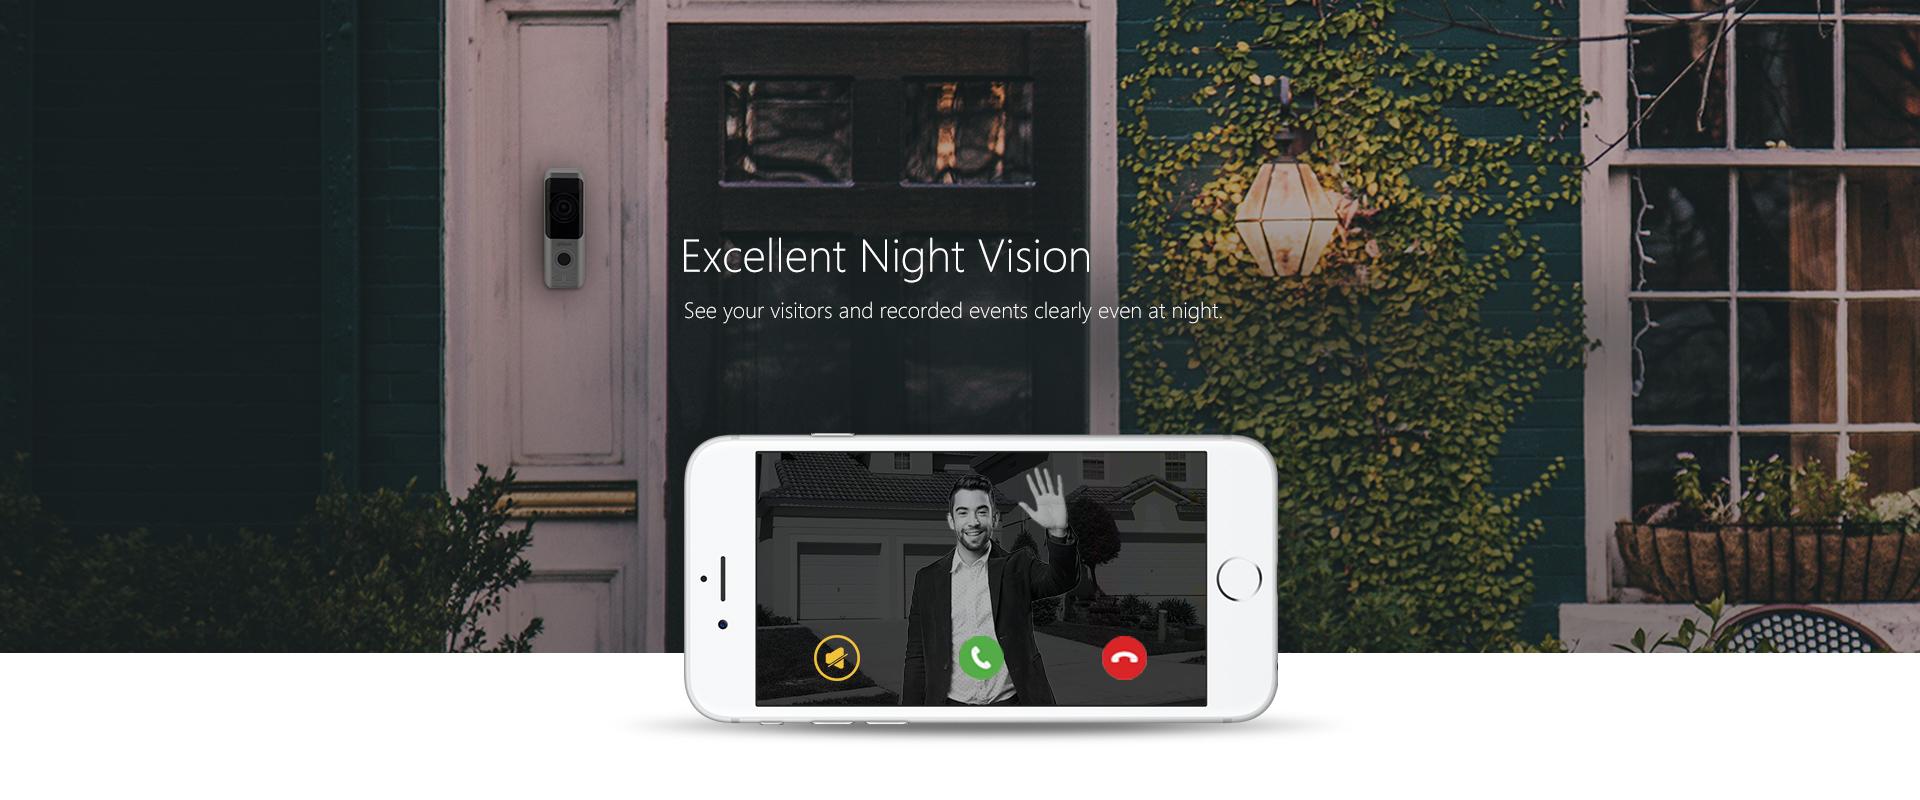 Funk-Video-Tuersprechanlage-Installation-fuer-Ihr-Haus-oder-Firma-IP-Tuerklingel-mit-2MP-Kamera-Wi-Fi-und-Batteriebetrieb-Ausgezeichnete-Nachtsicht